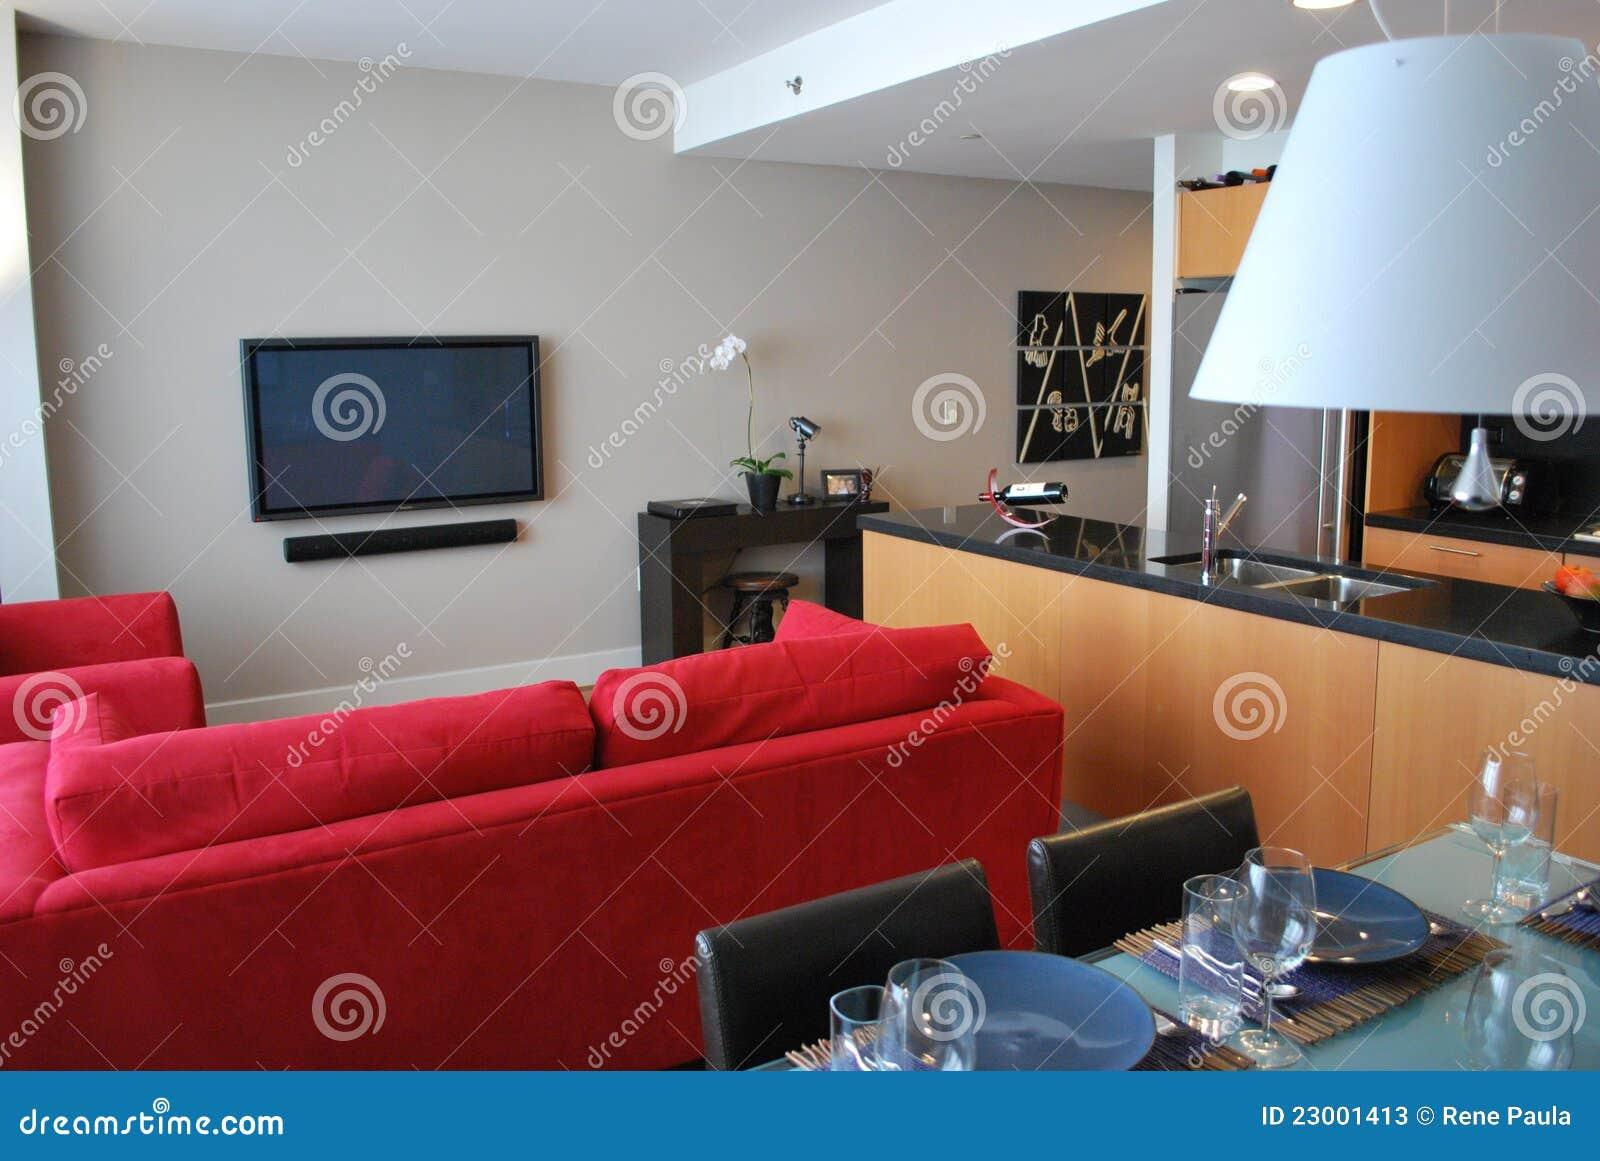 Apartamento moderno con la cocina abierta vida cenando for Cocina abierta sala de estar